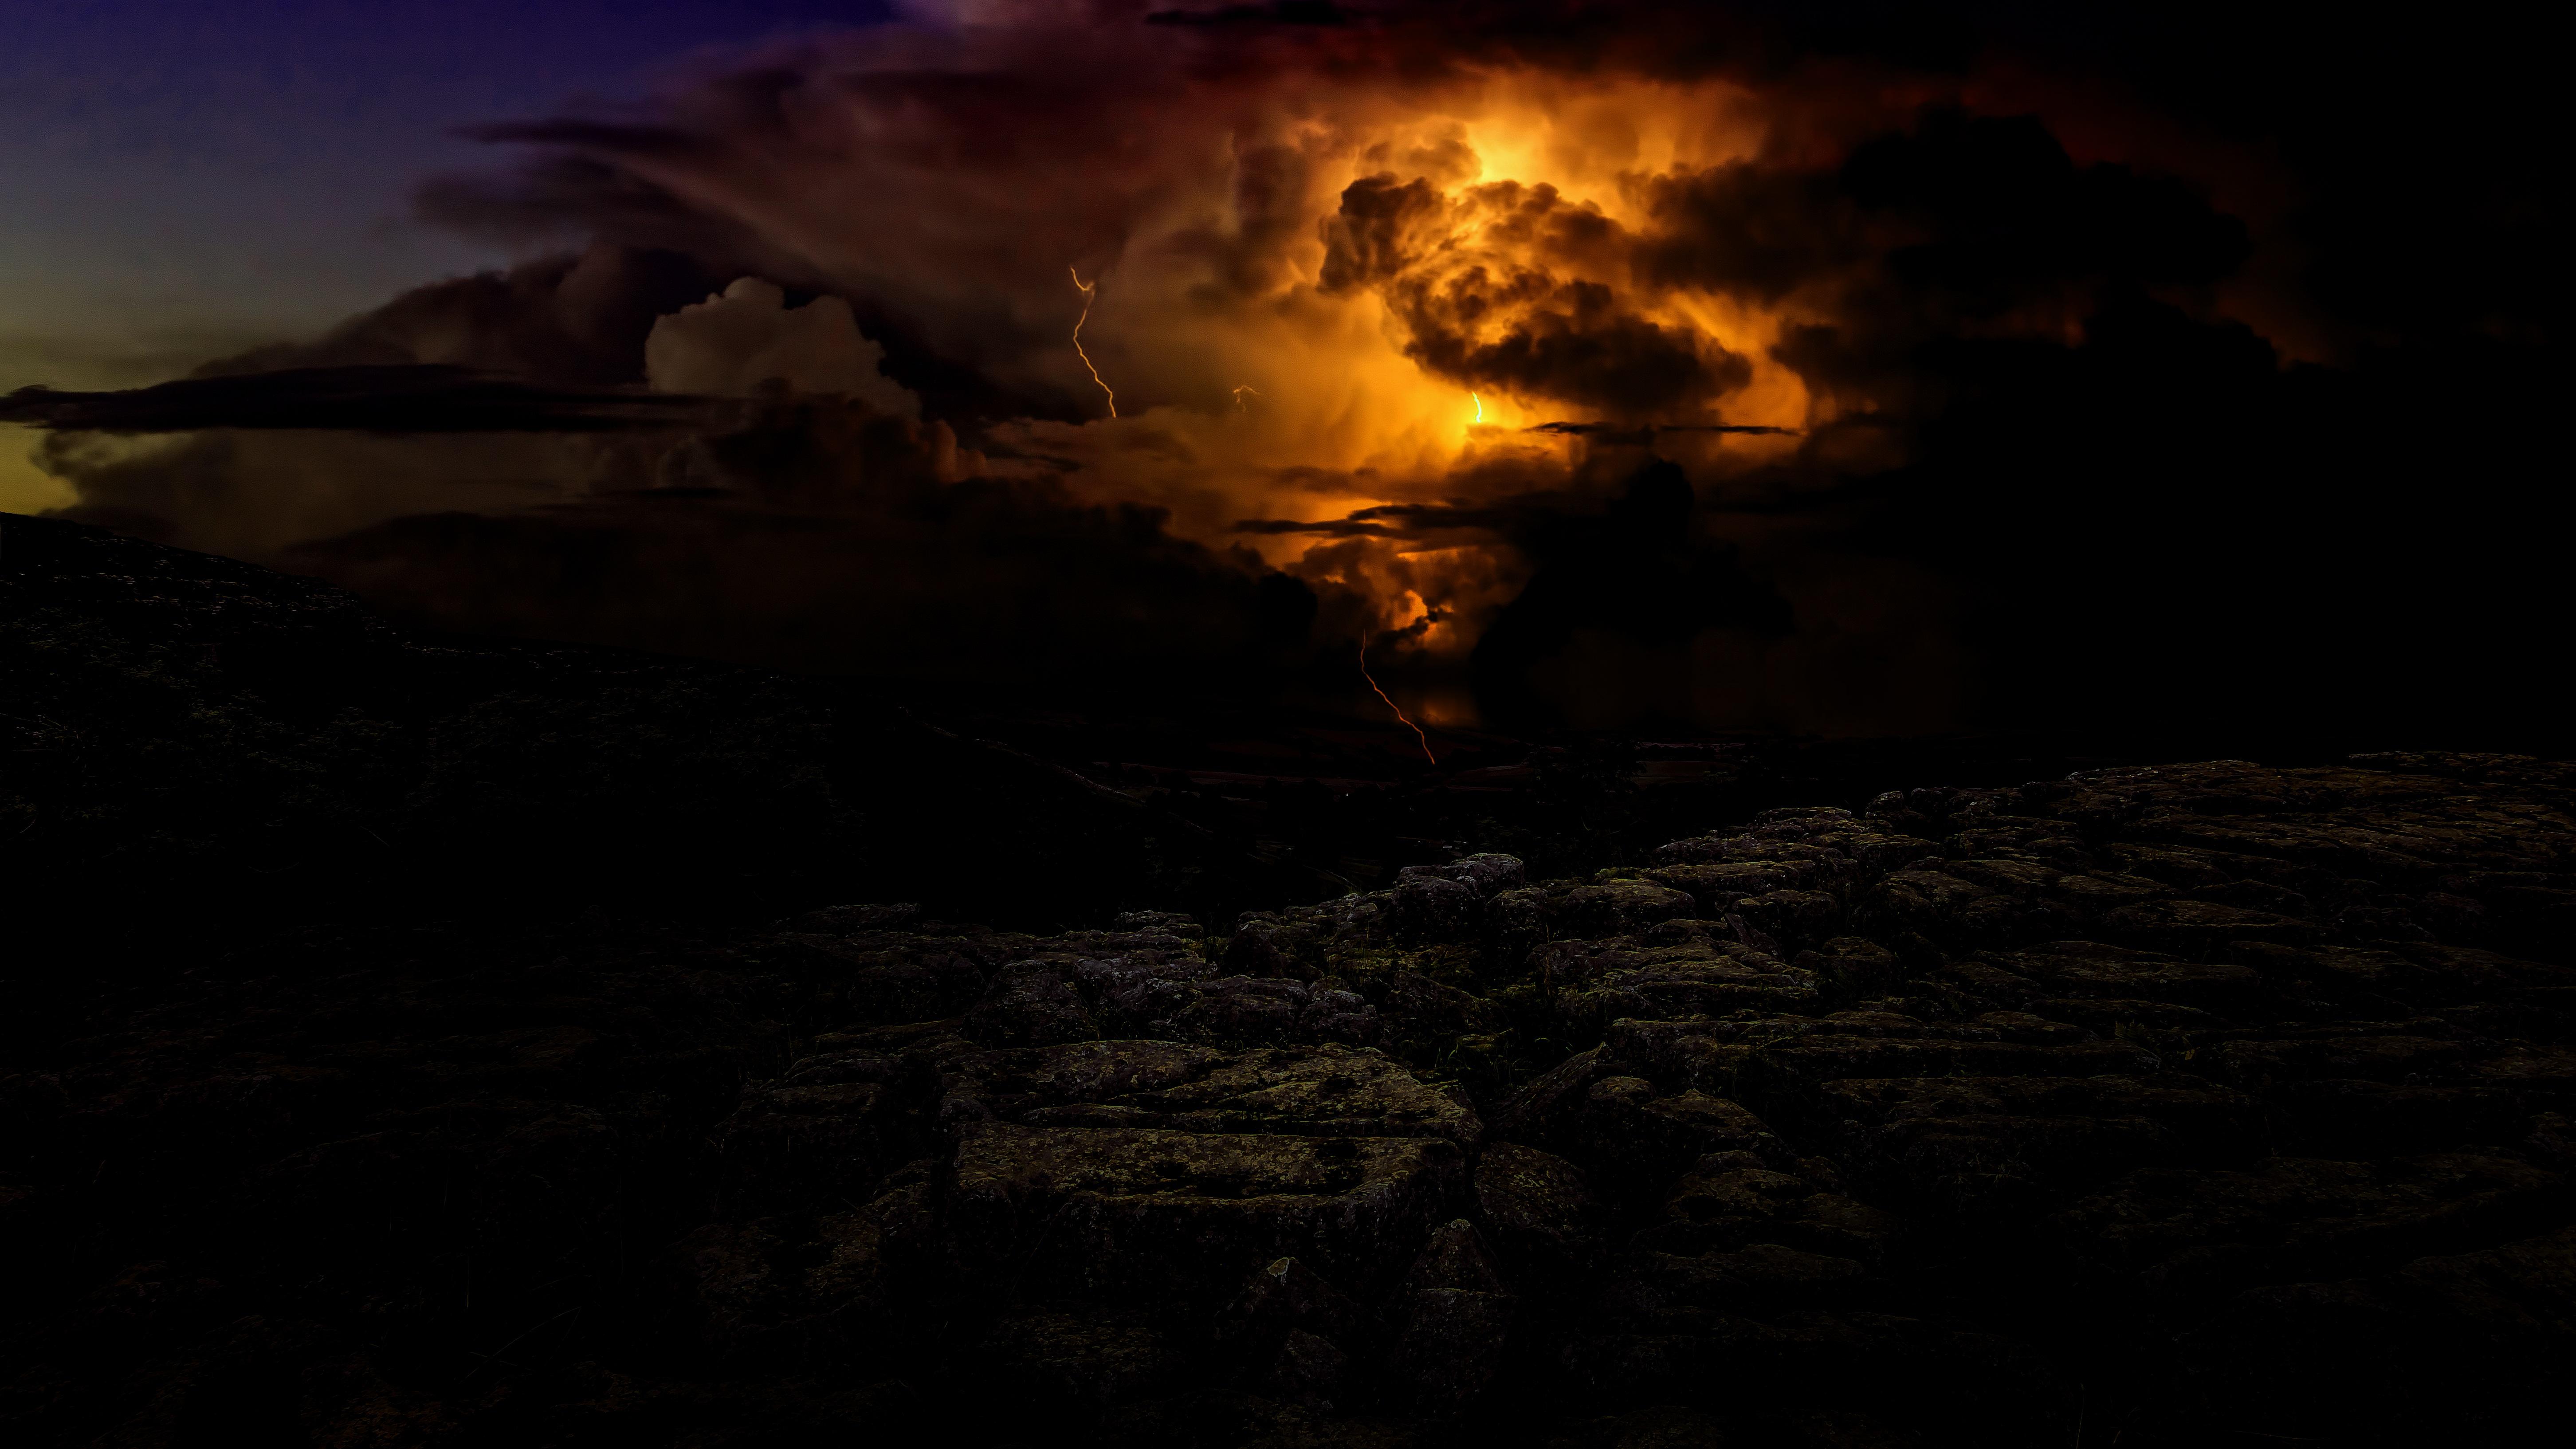 57715 Hintergrundbild herunterladen Blitz, Dunkel, Dämmerung, Twilight, Sturm, Gewitter, Bewölkt - Bildschirmschoner und Bilder kostenlos